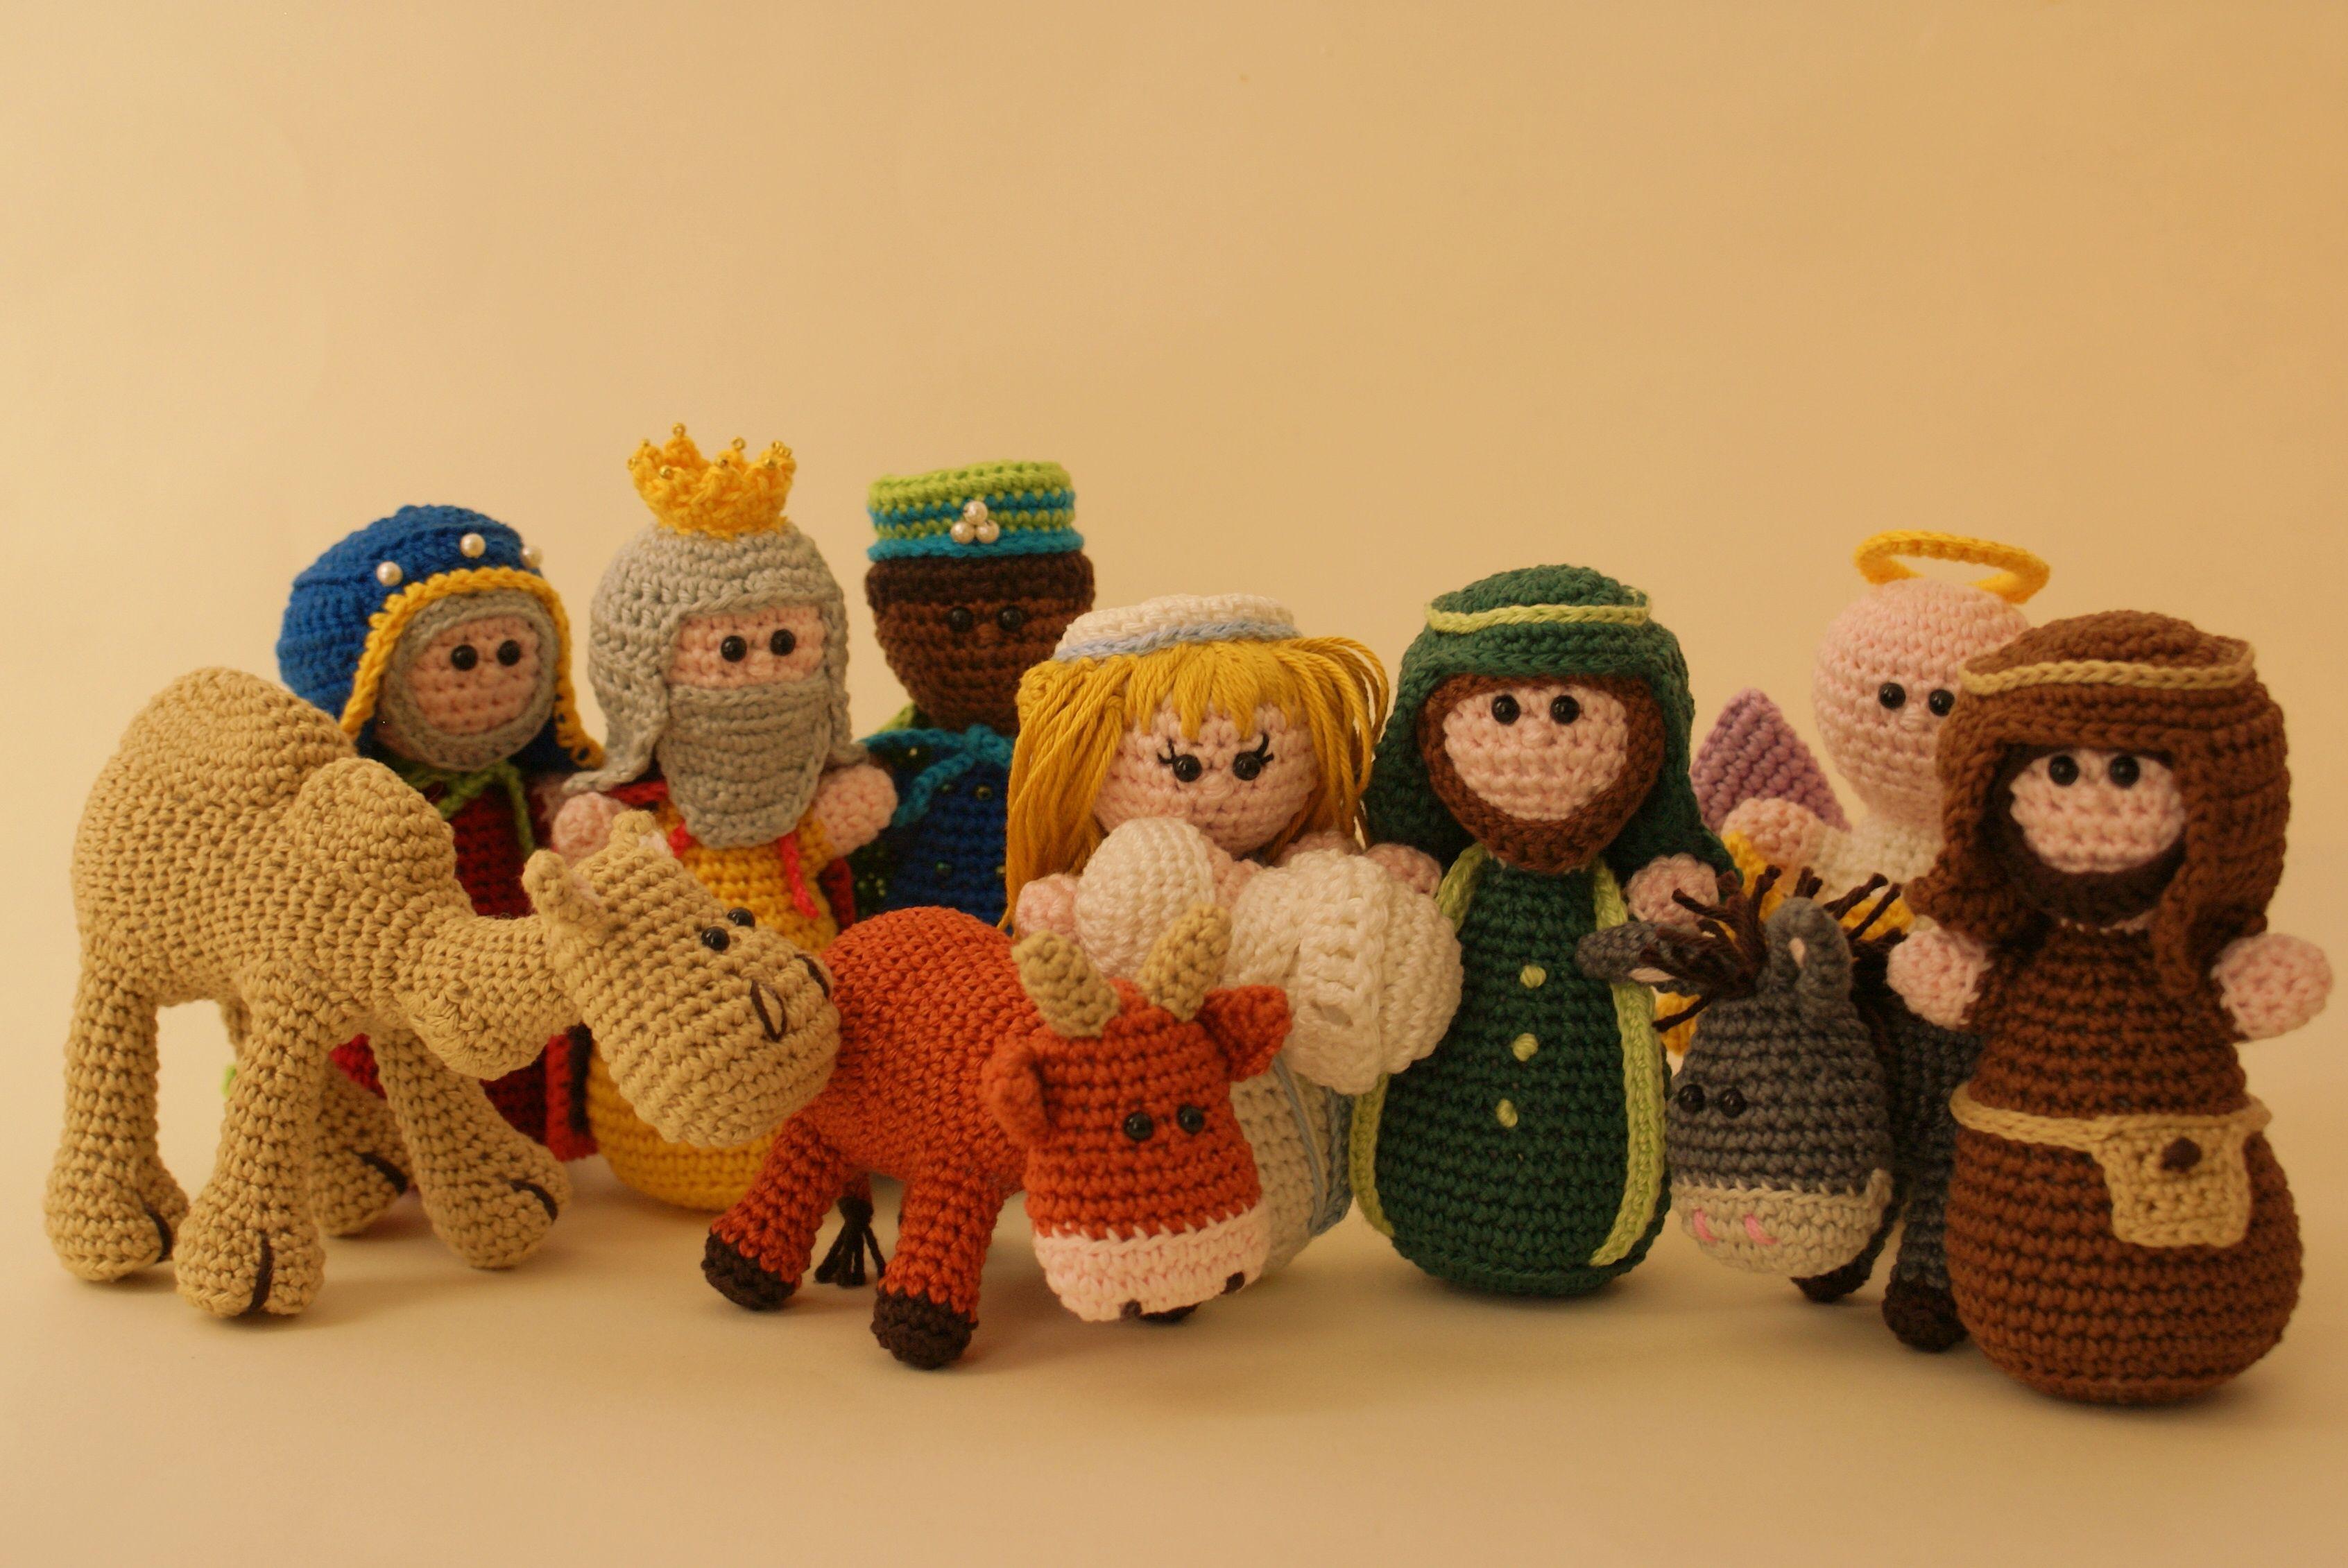 Pattern from www.echtstudio.nl | ♥ Amigurumi!! ♥ Community Board ...